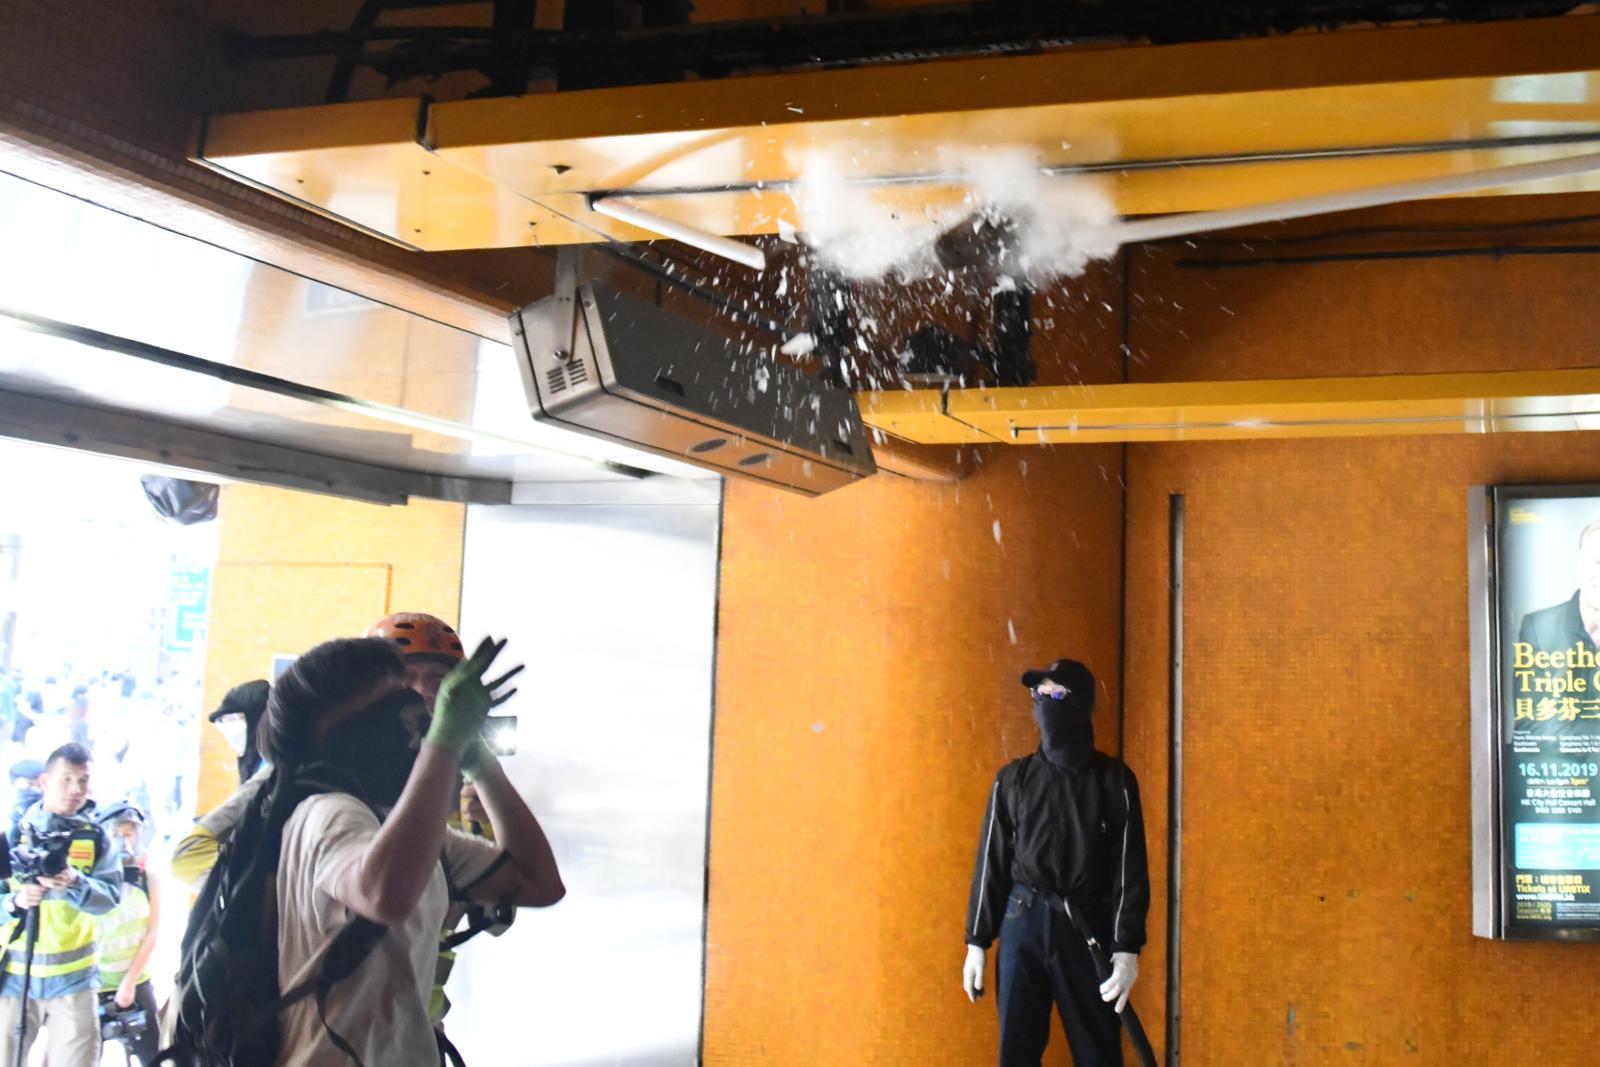 一批黑衣蒙面人破壞港鐵西灣河站設施。